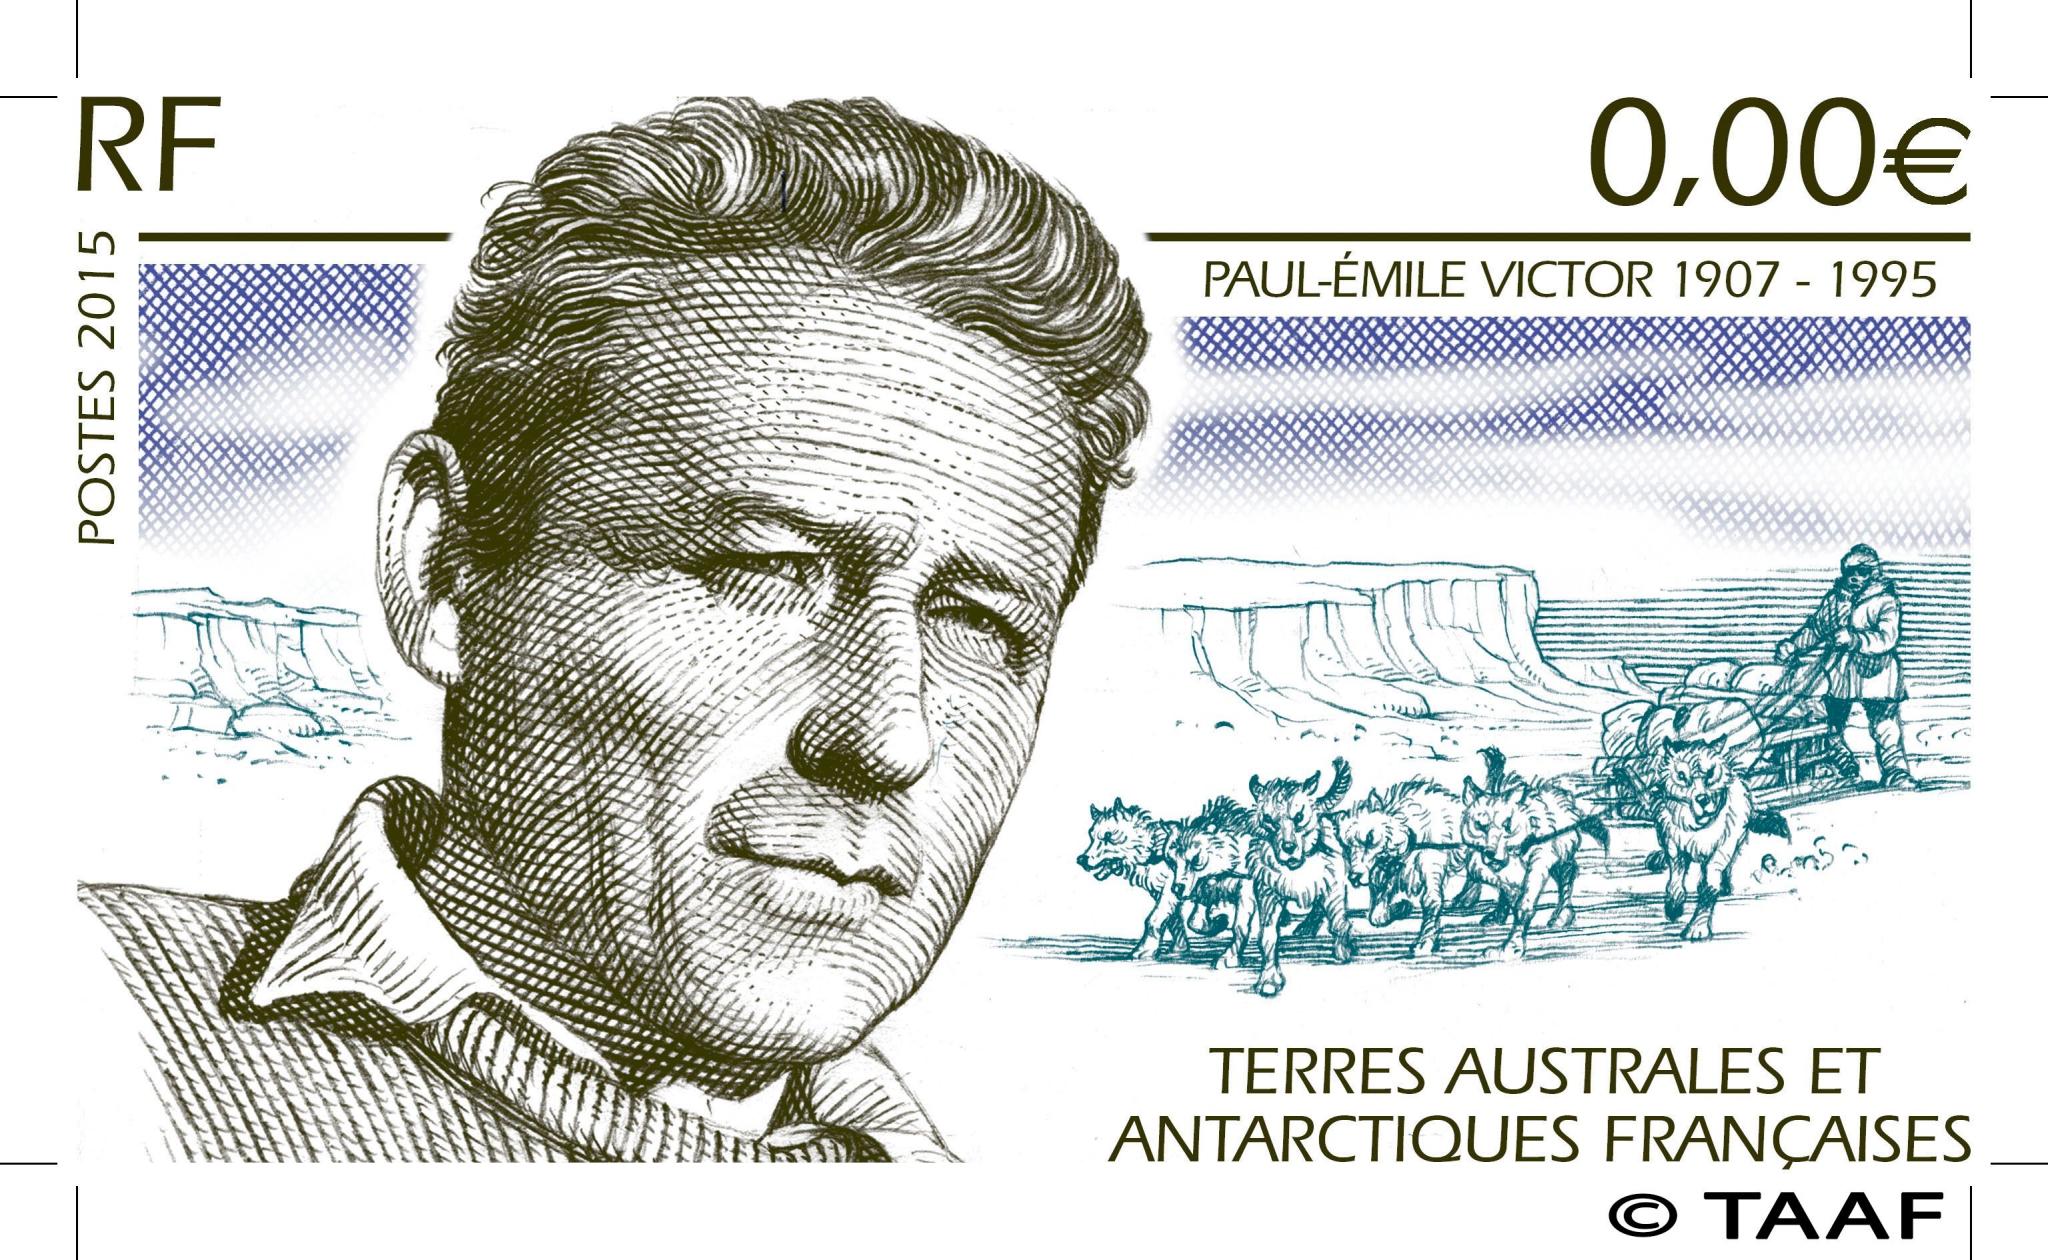 paul-emile victor,polaire,exploration,aventure,histoire,france,commémorations,daphné victor,stéphane dugast